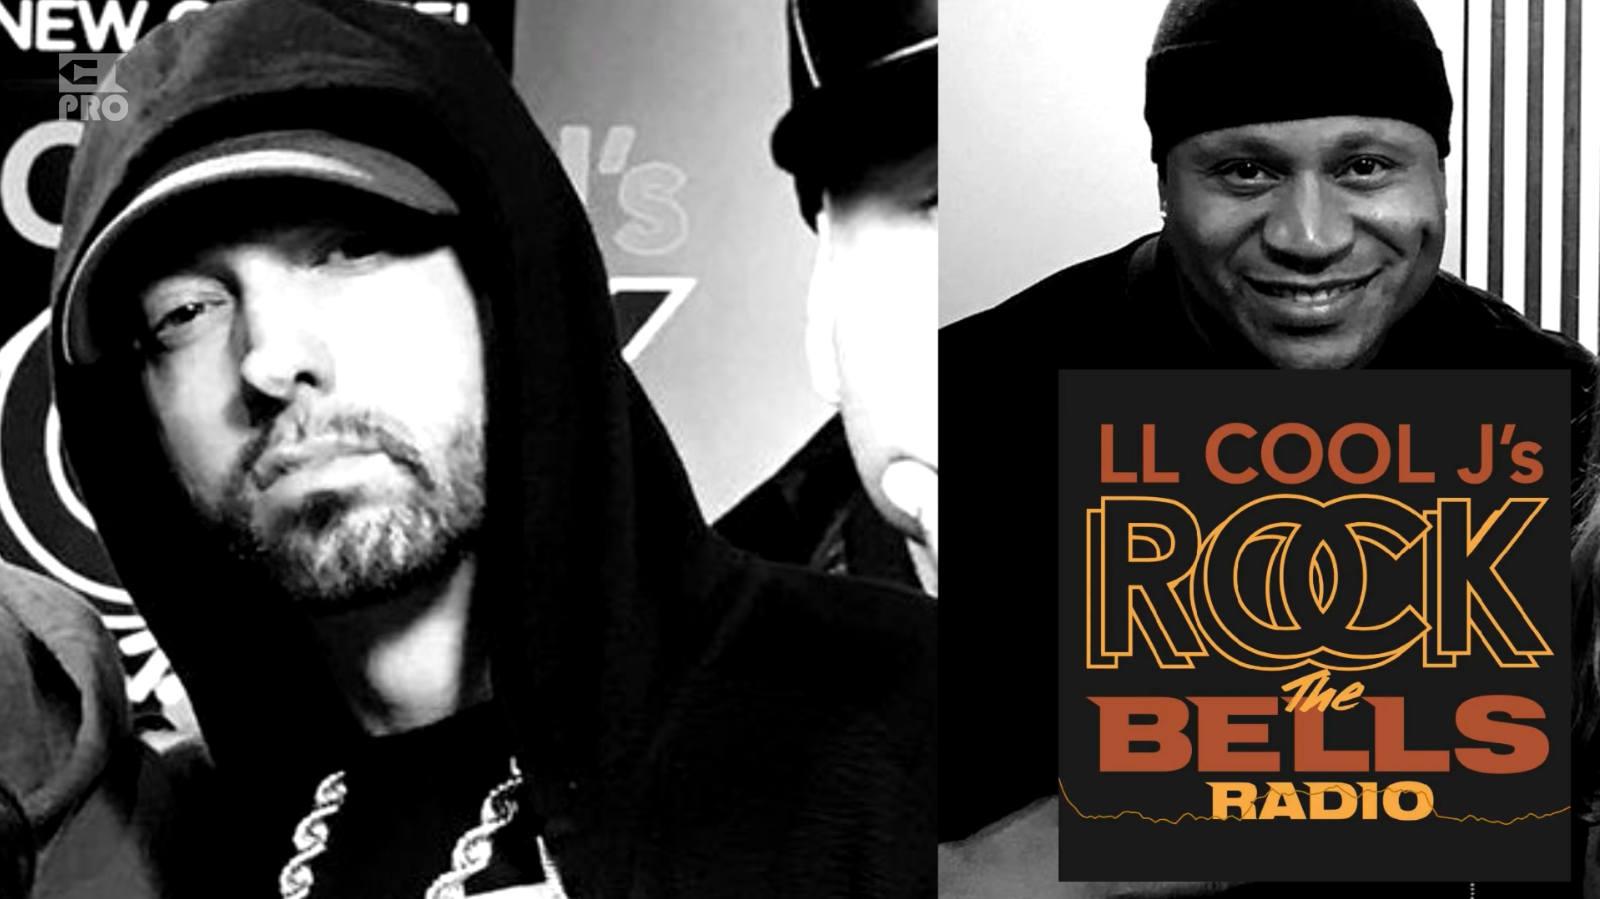 Эминем рассказывает о первом впечатлении от Dr. Dre и о том, как «чуть не обделался», встретив LL Cool J